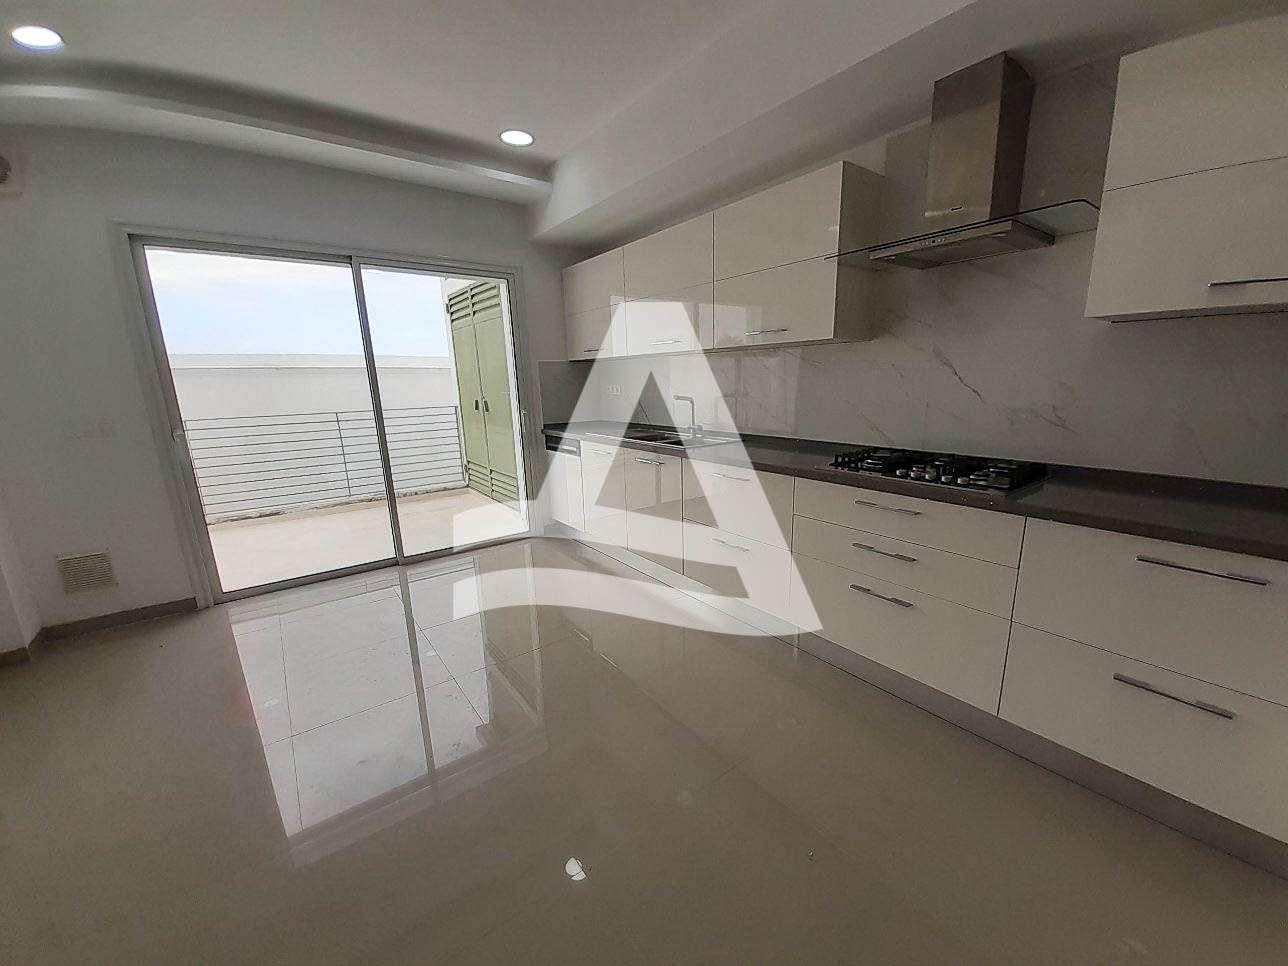 httpss3.amazonaws.comlogimoawsarcane_immobiliere_la_marsa_-_location-_vente_la_marsa_-10_1583333549985